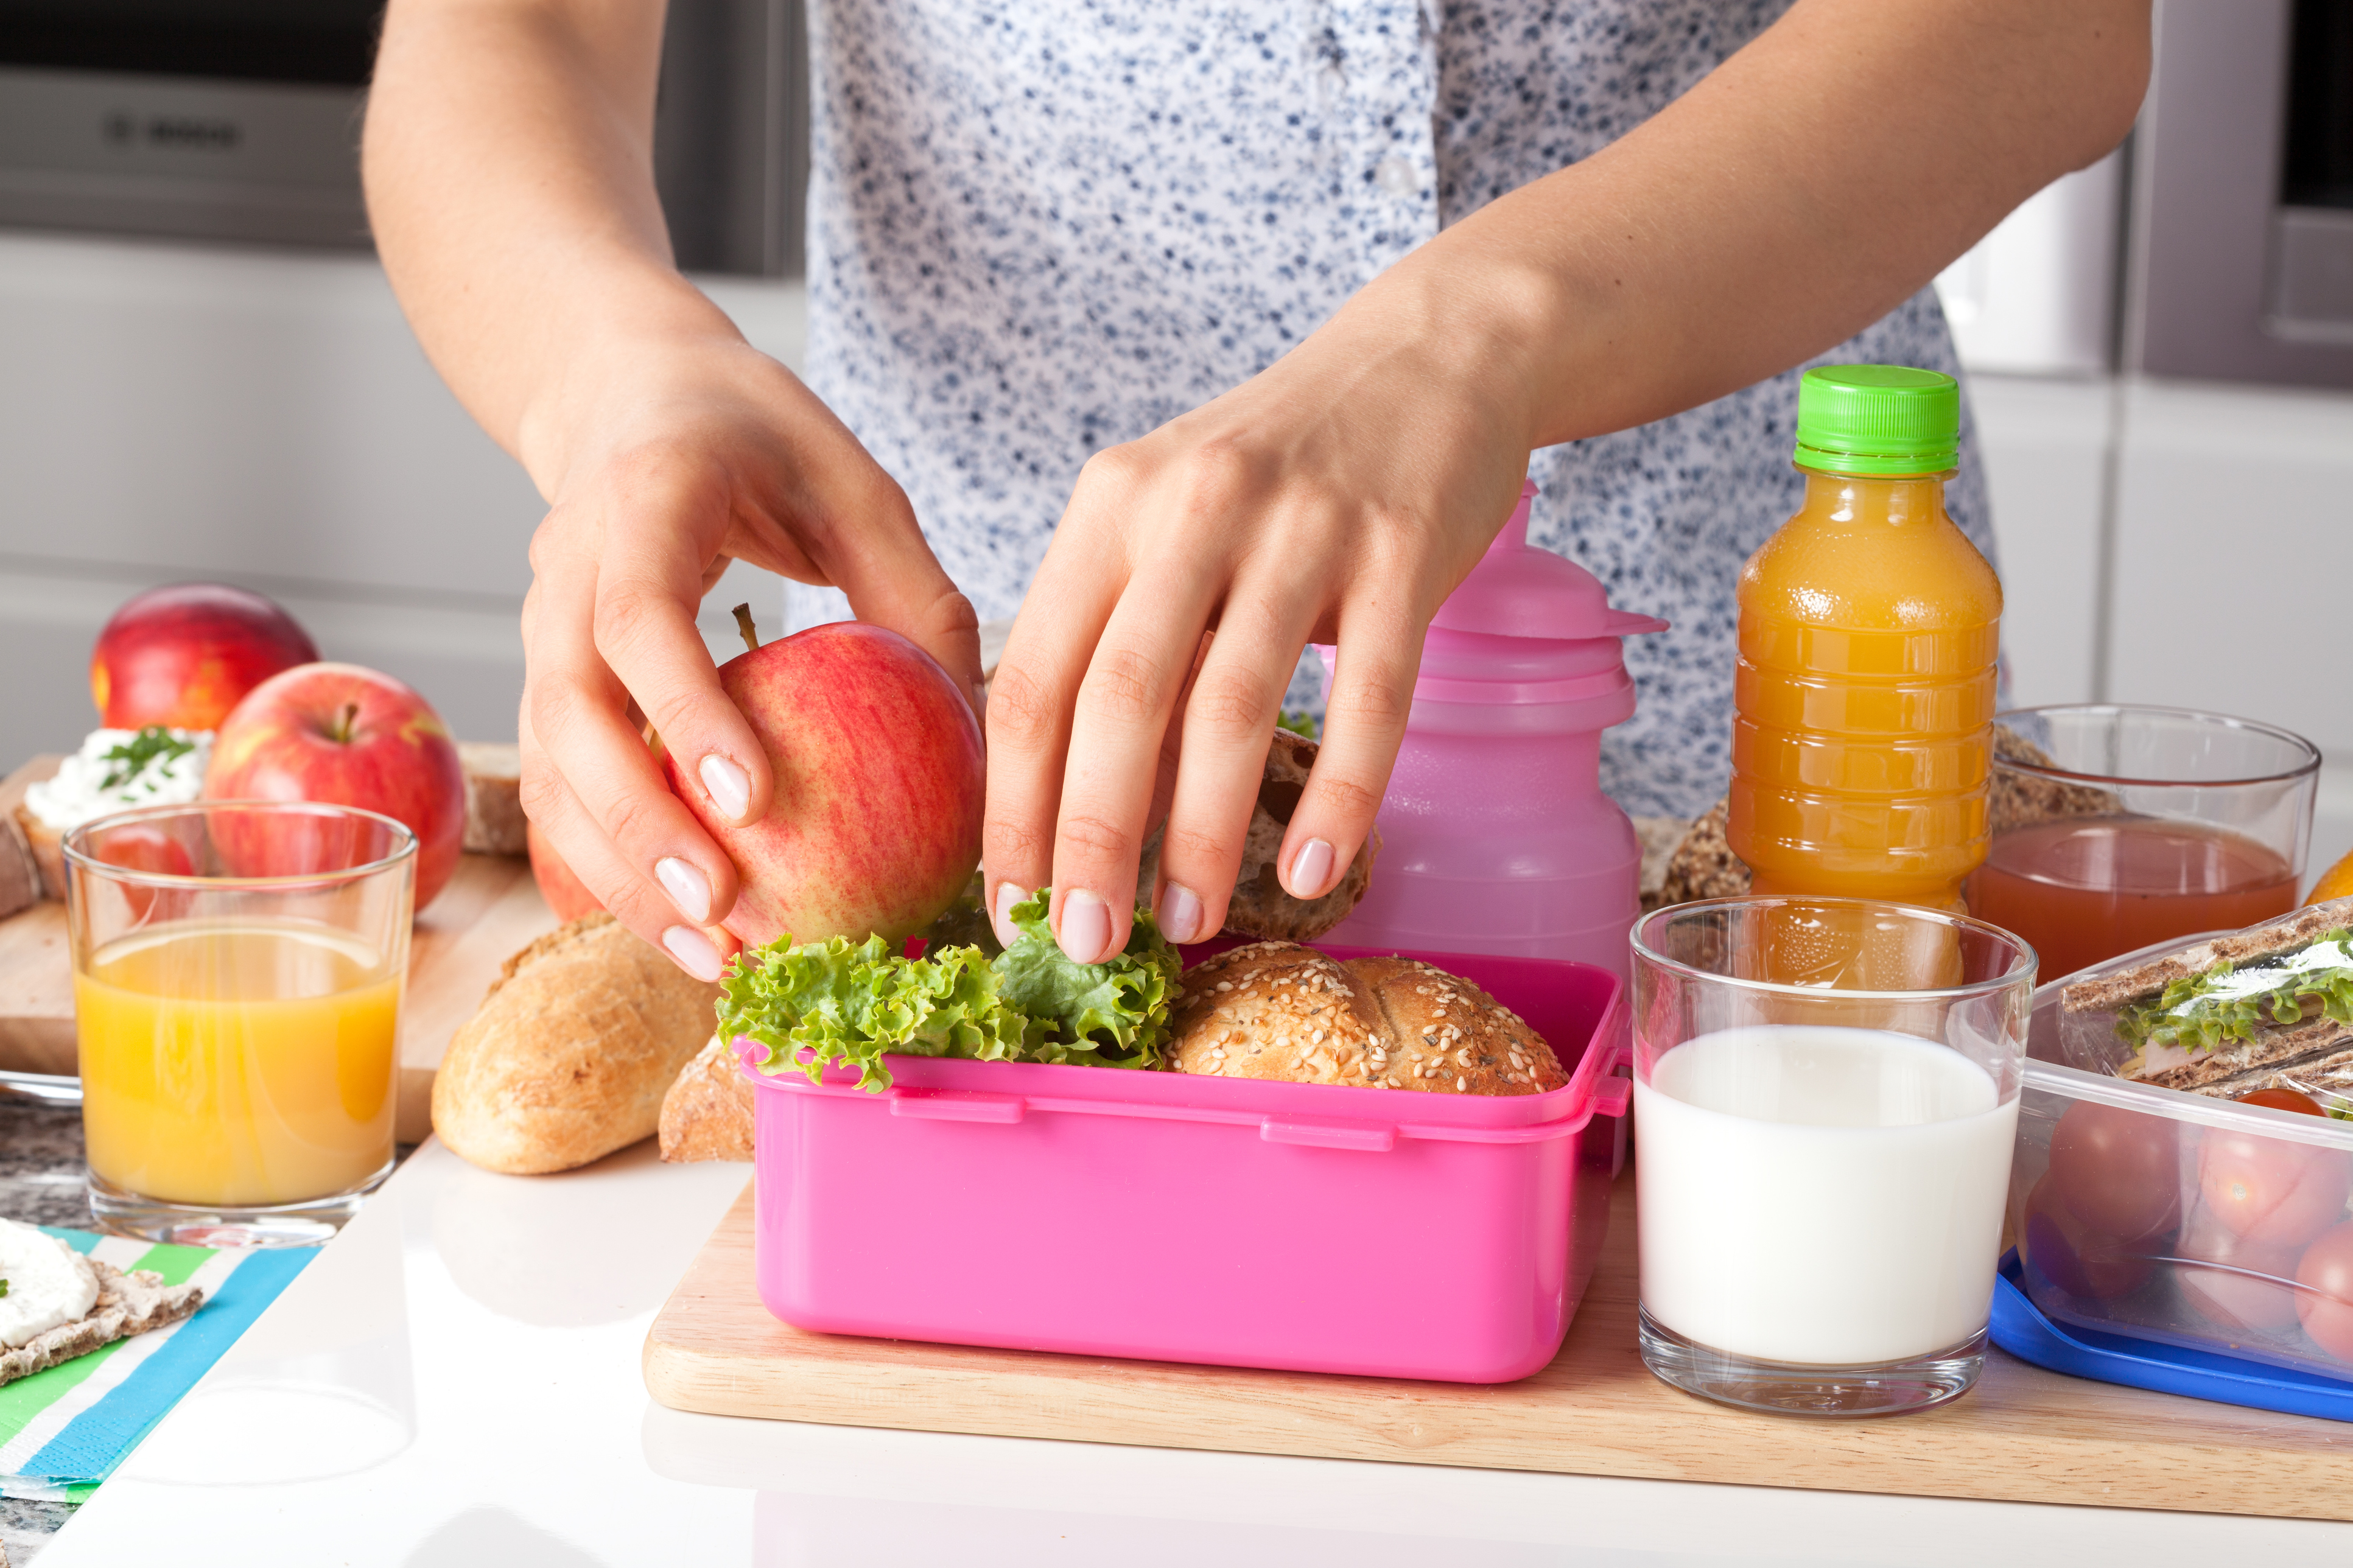 A volta às aulas e sempre época de voltar a se preocupar com o que os filhos comem na escola. Veja dicas para preparar lanches saudáveis para os pequenos!